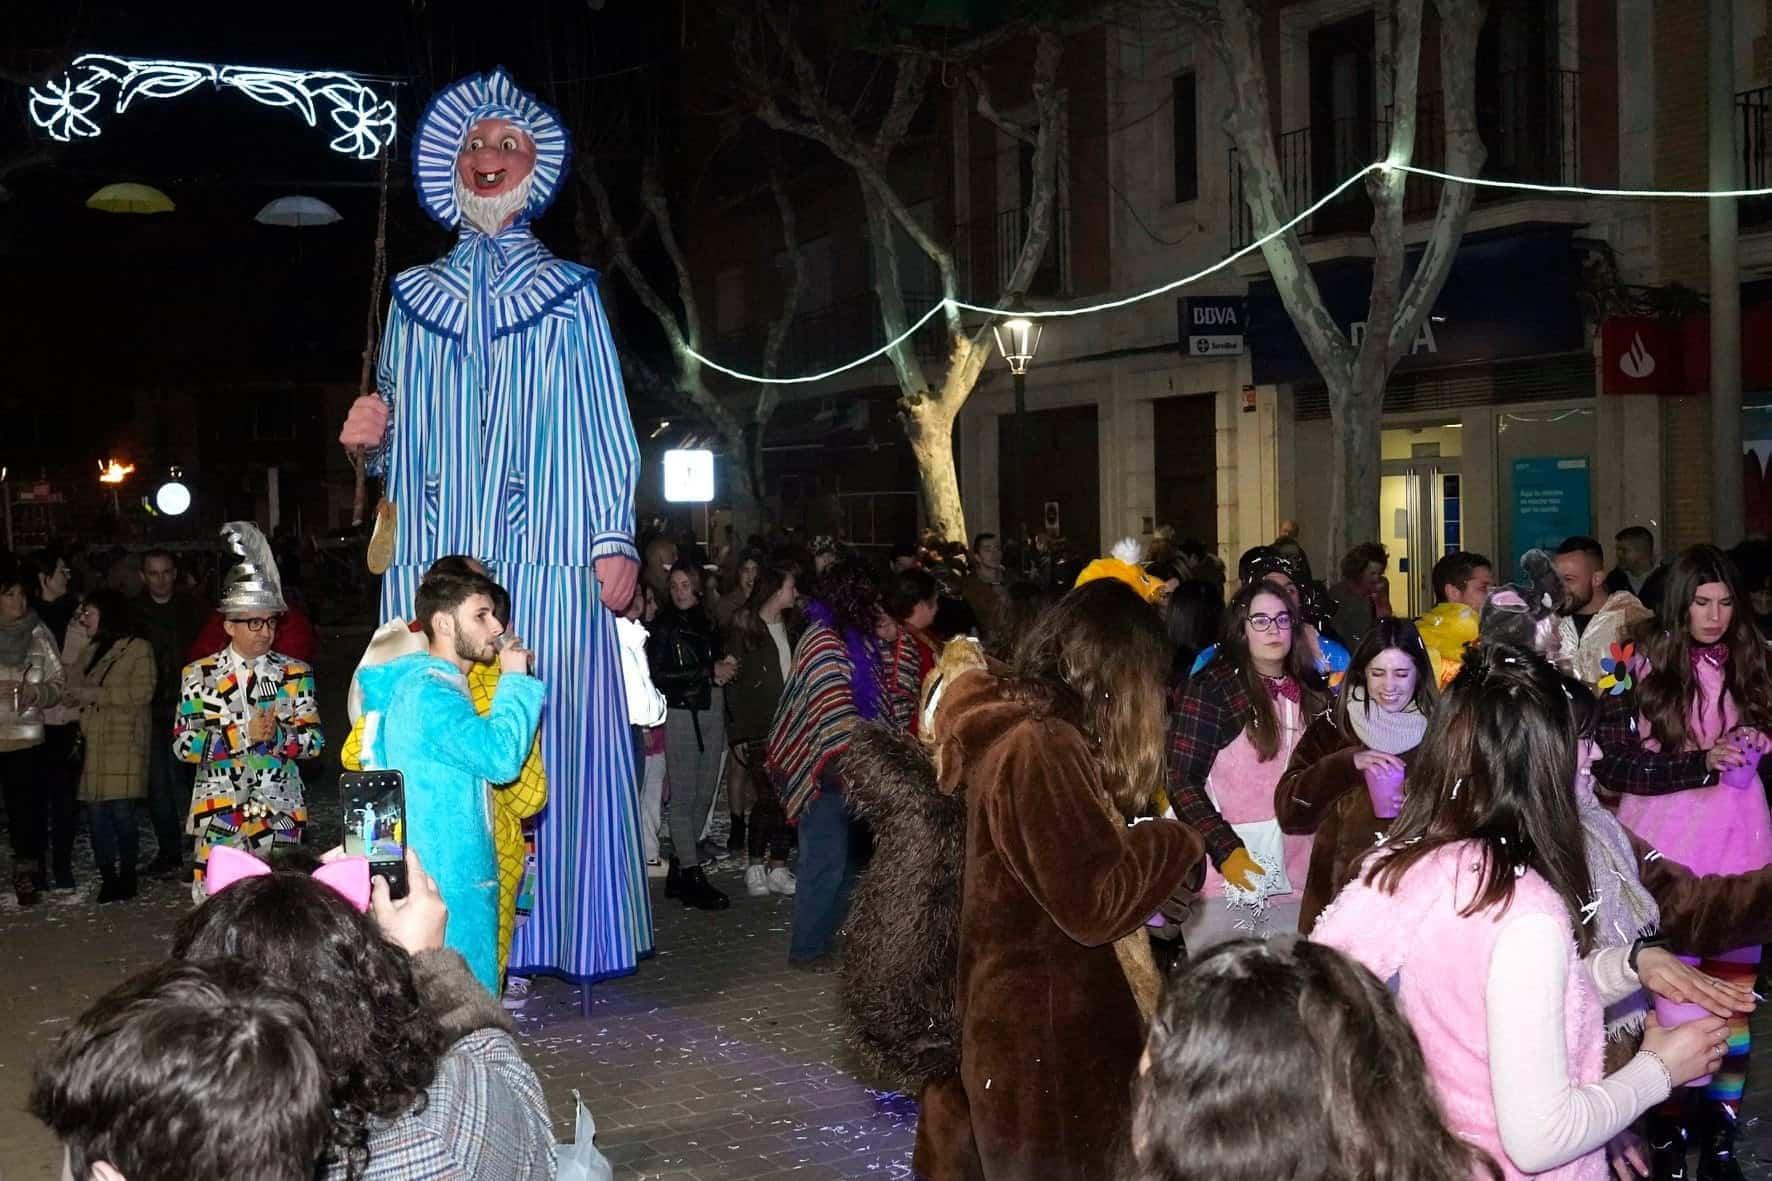 carnaval herencia 2020 viernes prisillas 10 - Viernes de Prisillas 2020 del Carnaval en imágenes